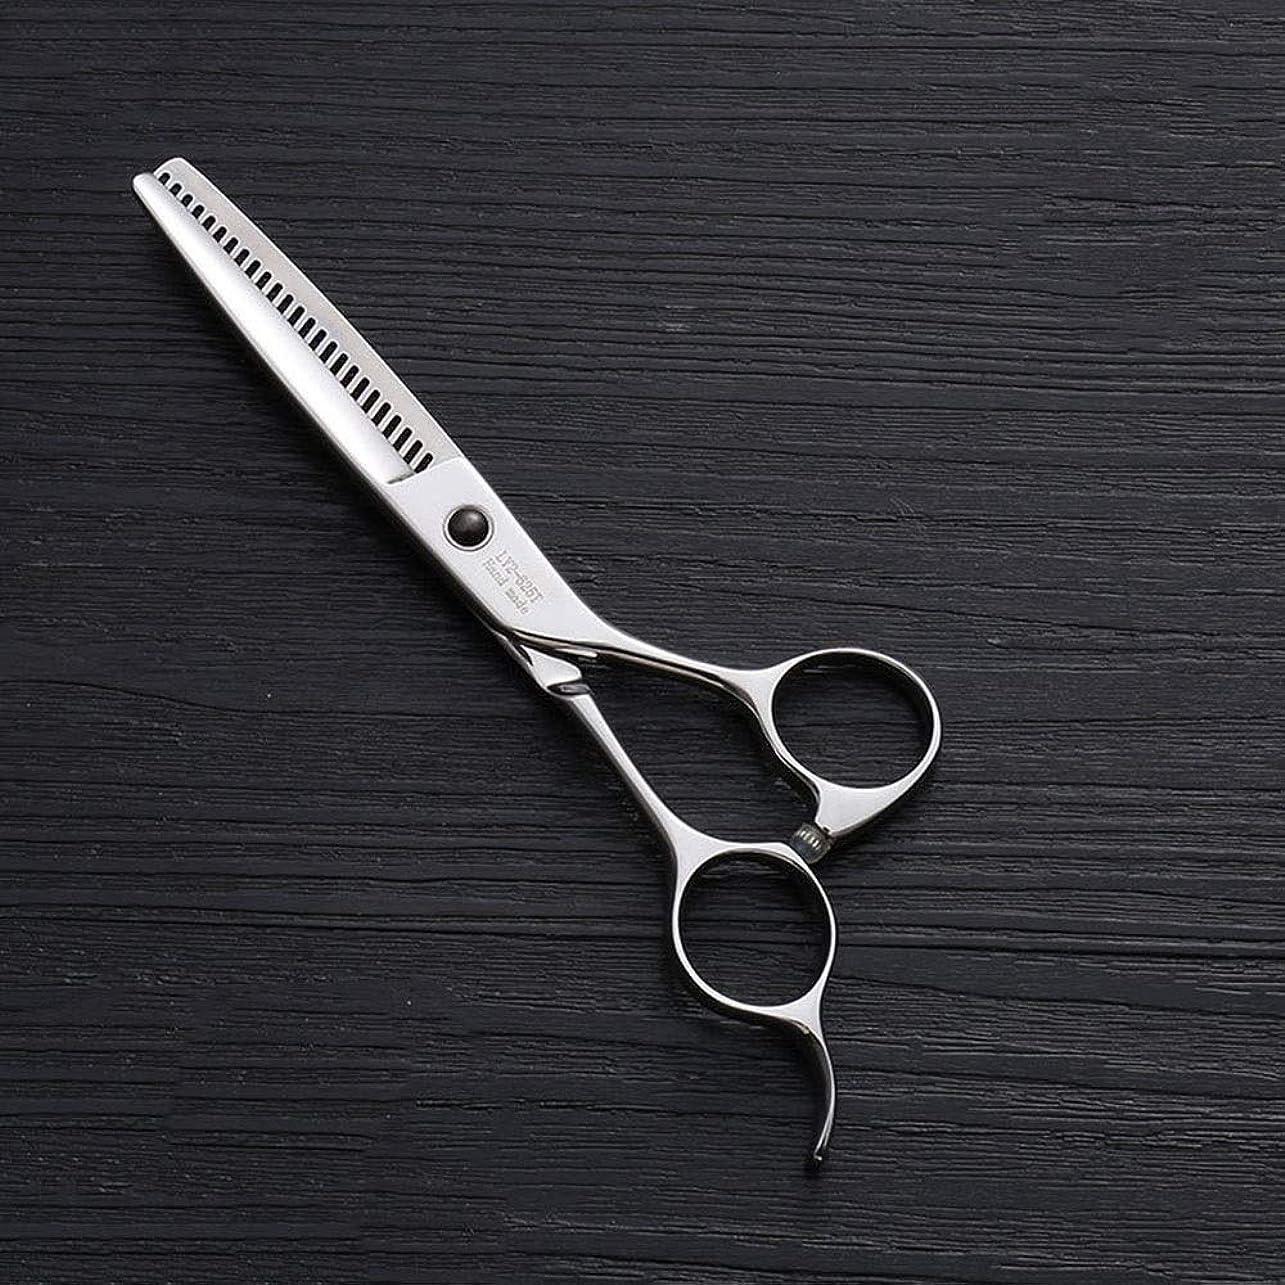 戸惑う慣らす衝動440Cステンレス鋼ハイエンドヘアカットツール、25歯T型6インチ美容院プロフェッショナル理髪はさみ モデリングツール (色 : Silver)